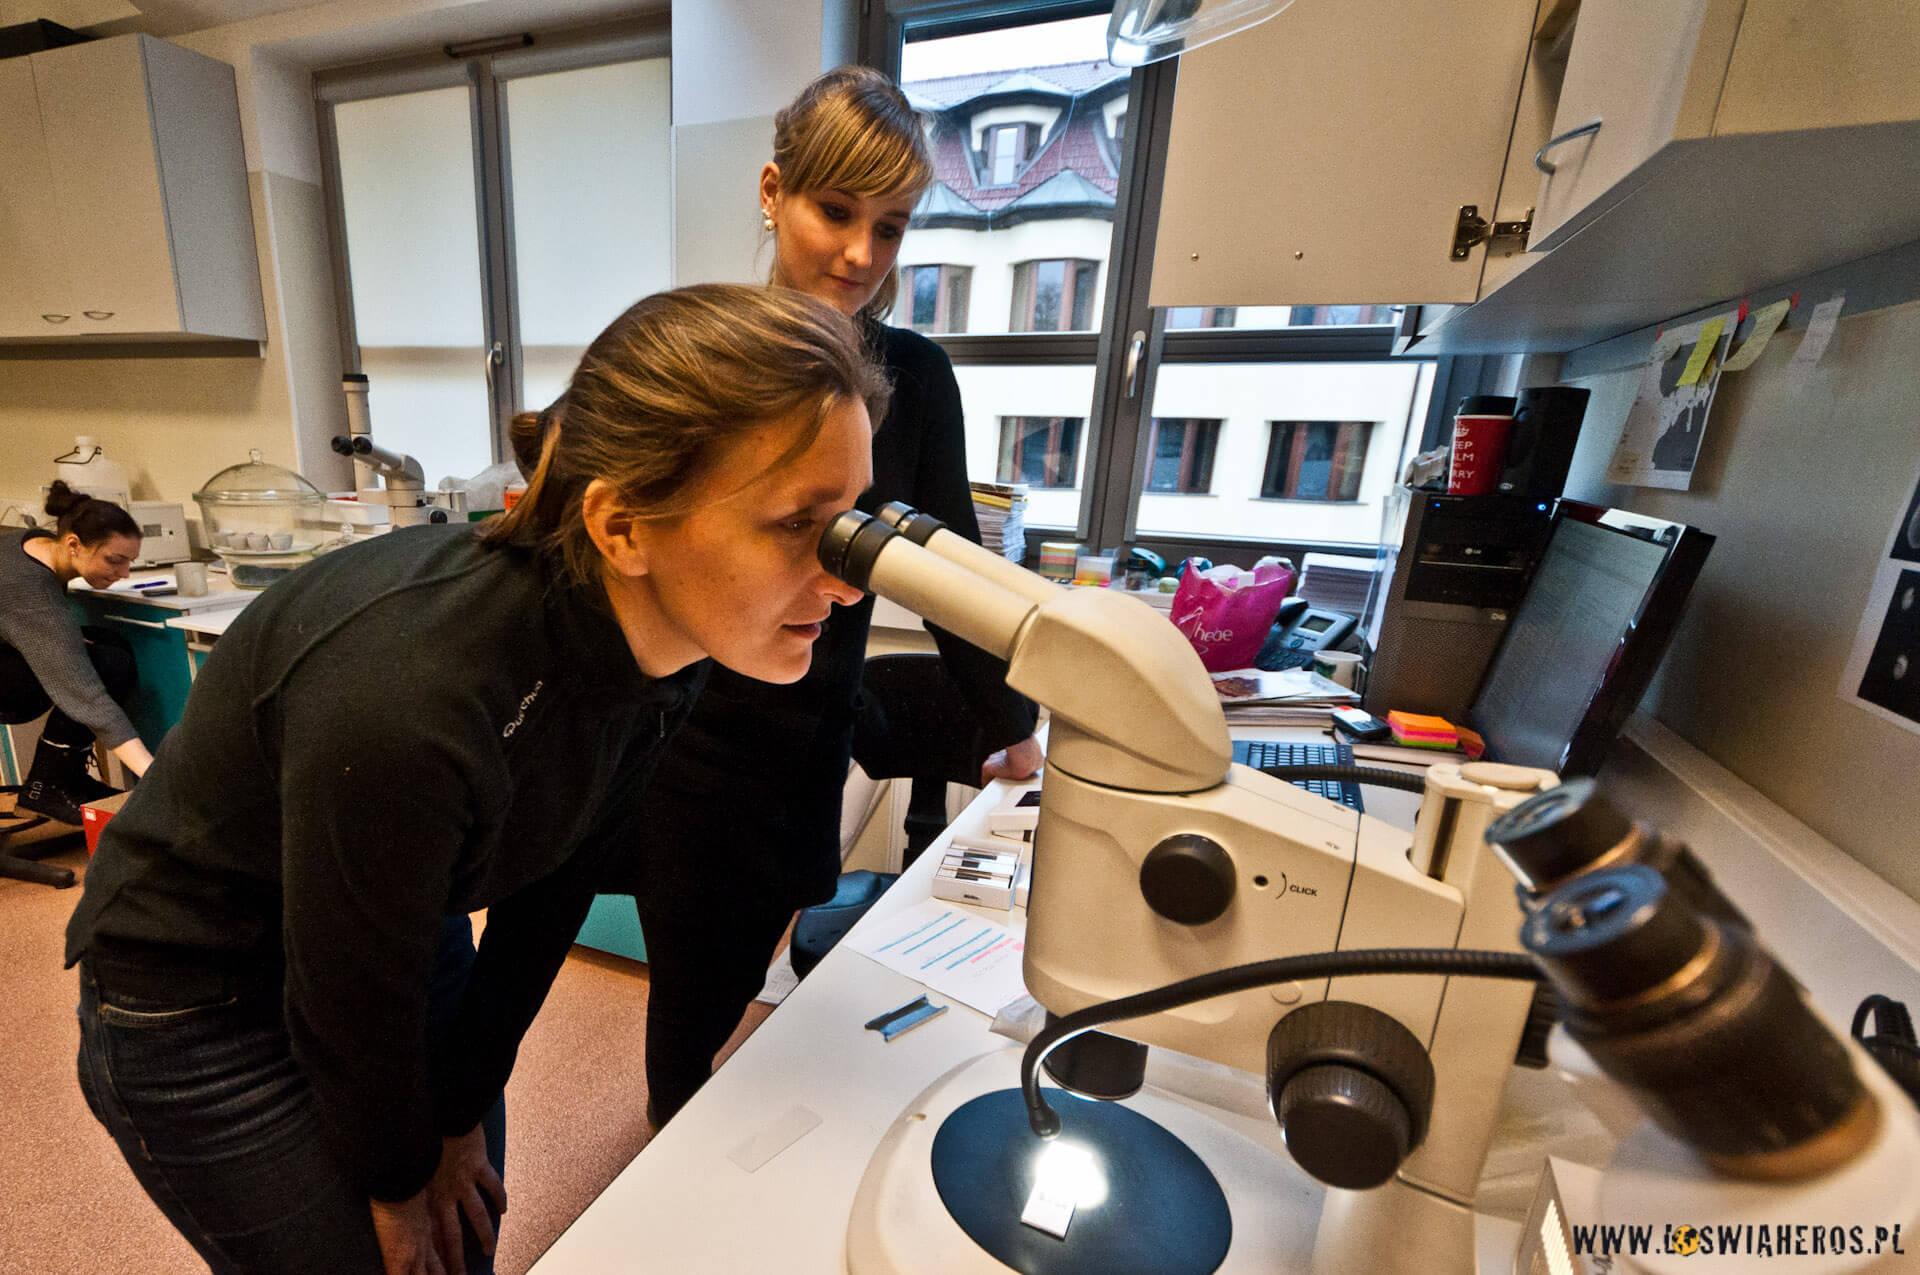 Alicja podbacznym okiem Magdy ogląda przezmikroskop materiał przywieziony wramach wypraw naukowych zpoprzednich lat.